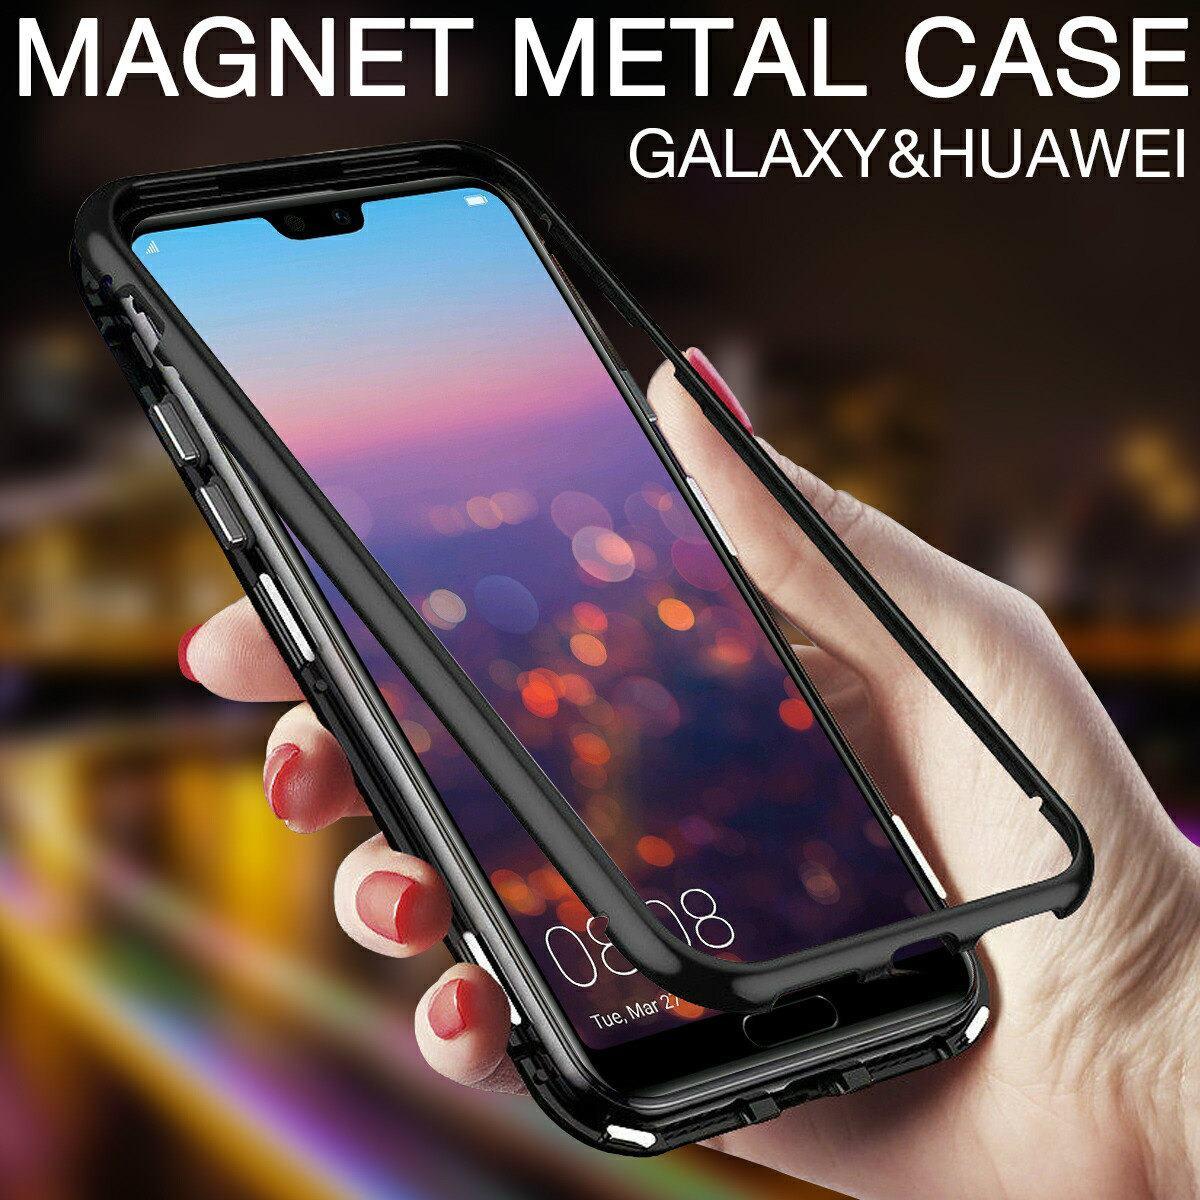 マグネットケース P20プロ ギャラクシーS8 ギャラクシーS9 ギャラクシーノート8 おしゃれ 人気 ギャラクシー SC-01K SCV37 SC-02K SCV38 SC-03K SCV39 HUAWEI ファーウェイ HWV32 HWU34 HW-01K P20ライト スマホケース スマートフォンケース 携帯カバー 携帯ケース